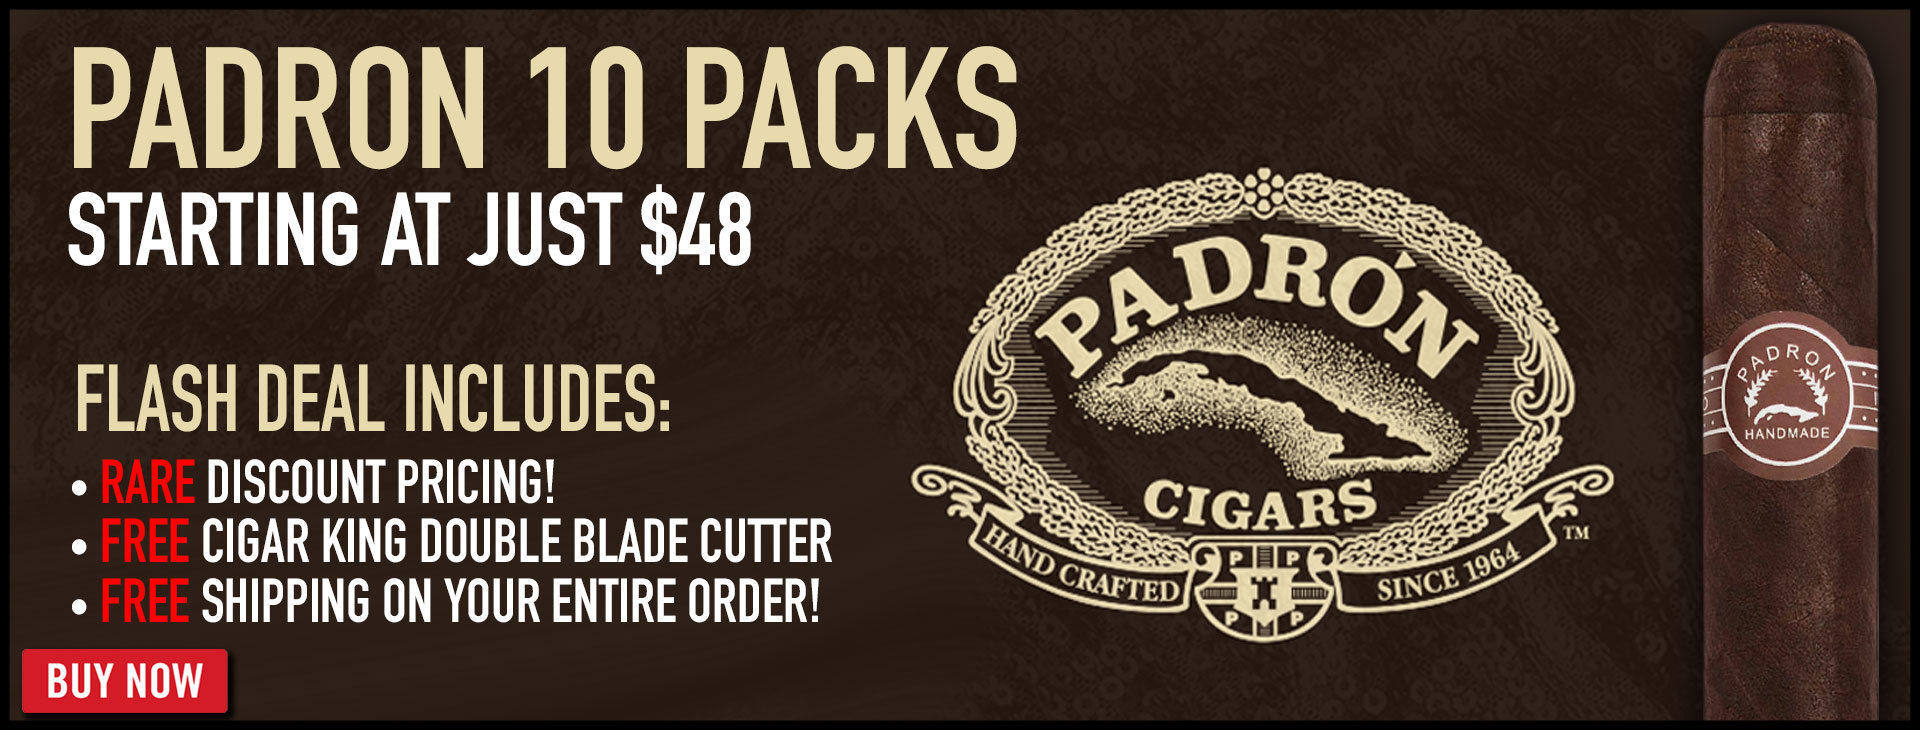 padron-10-packs-2021-banner.jpg